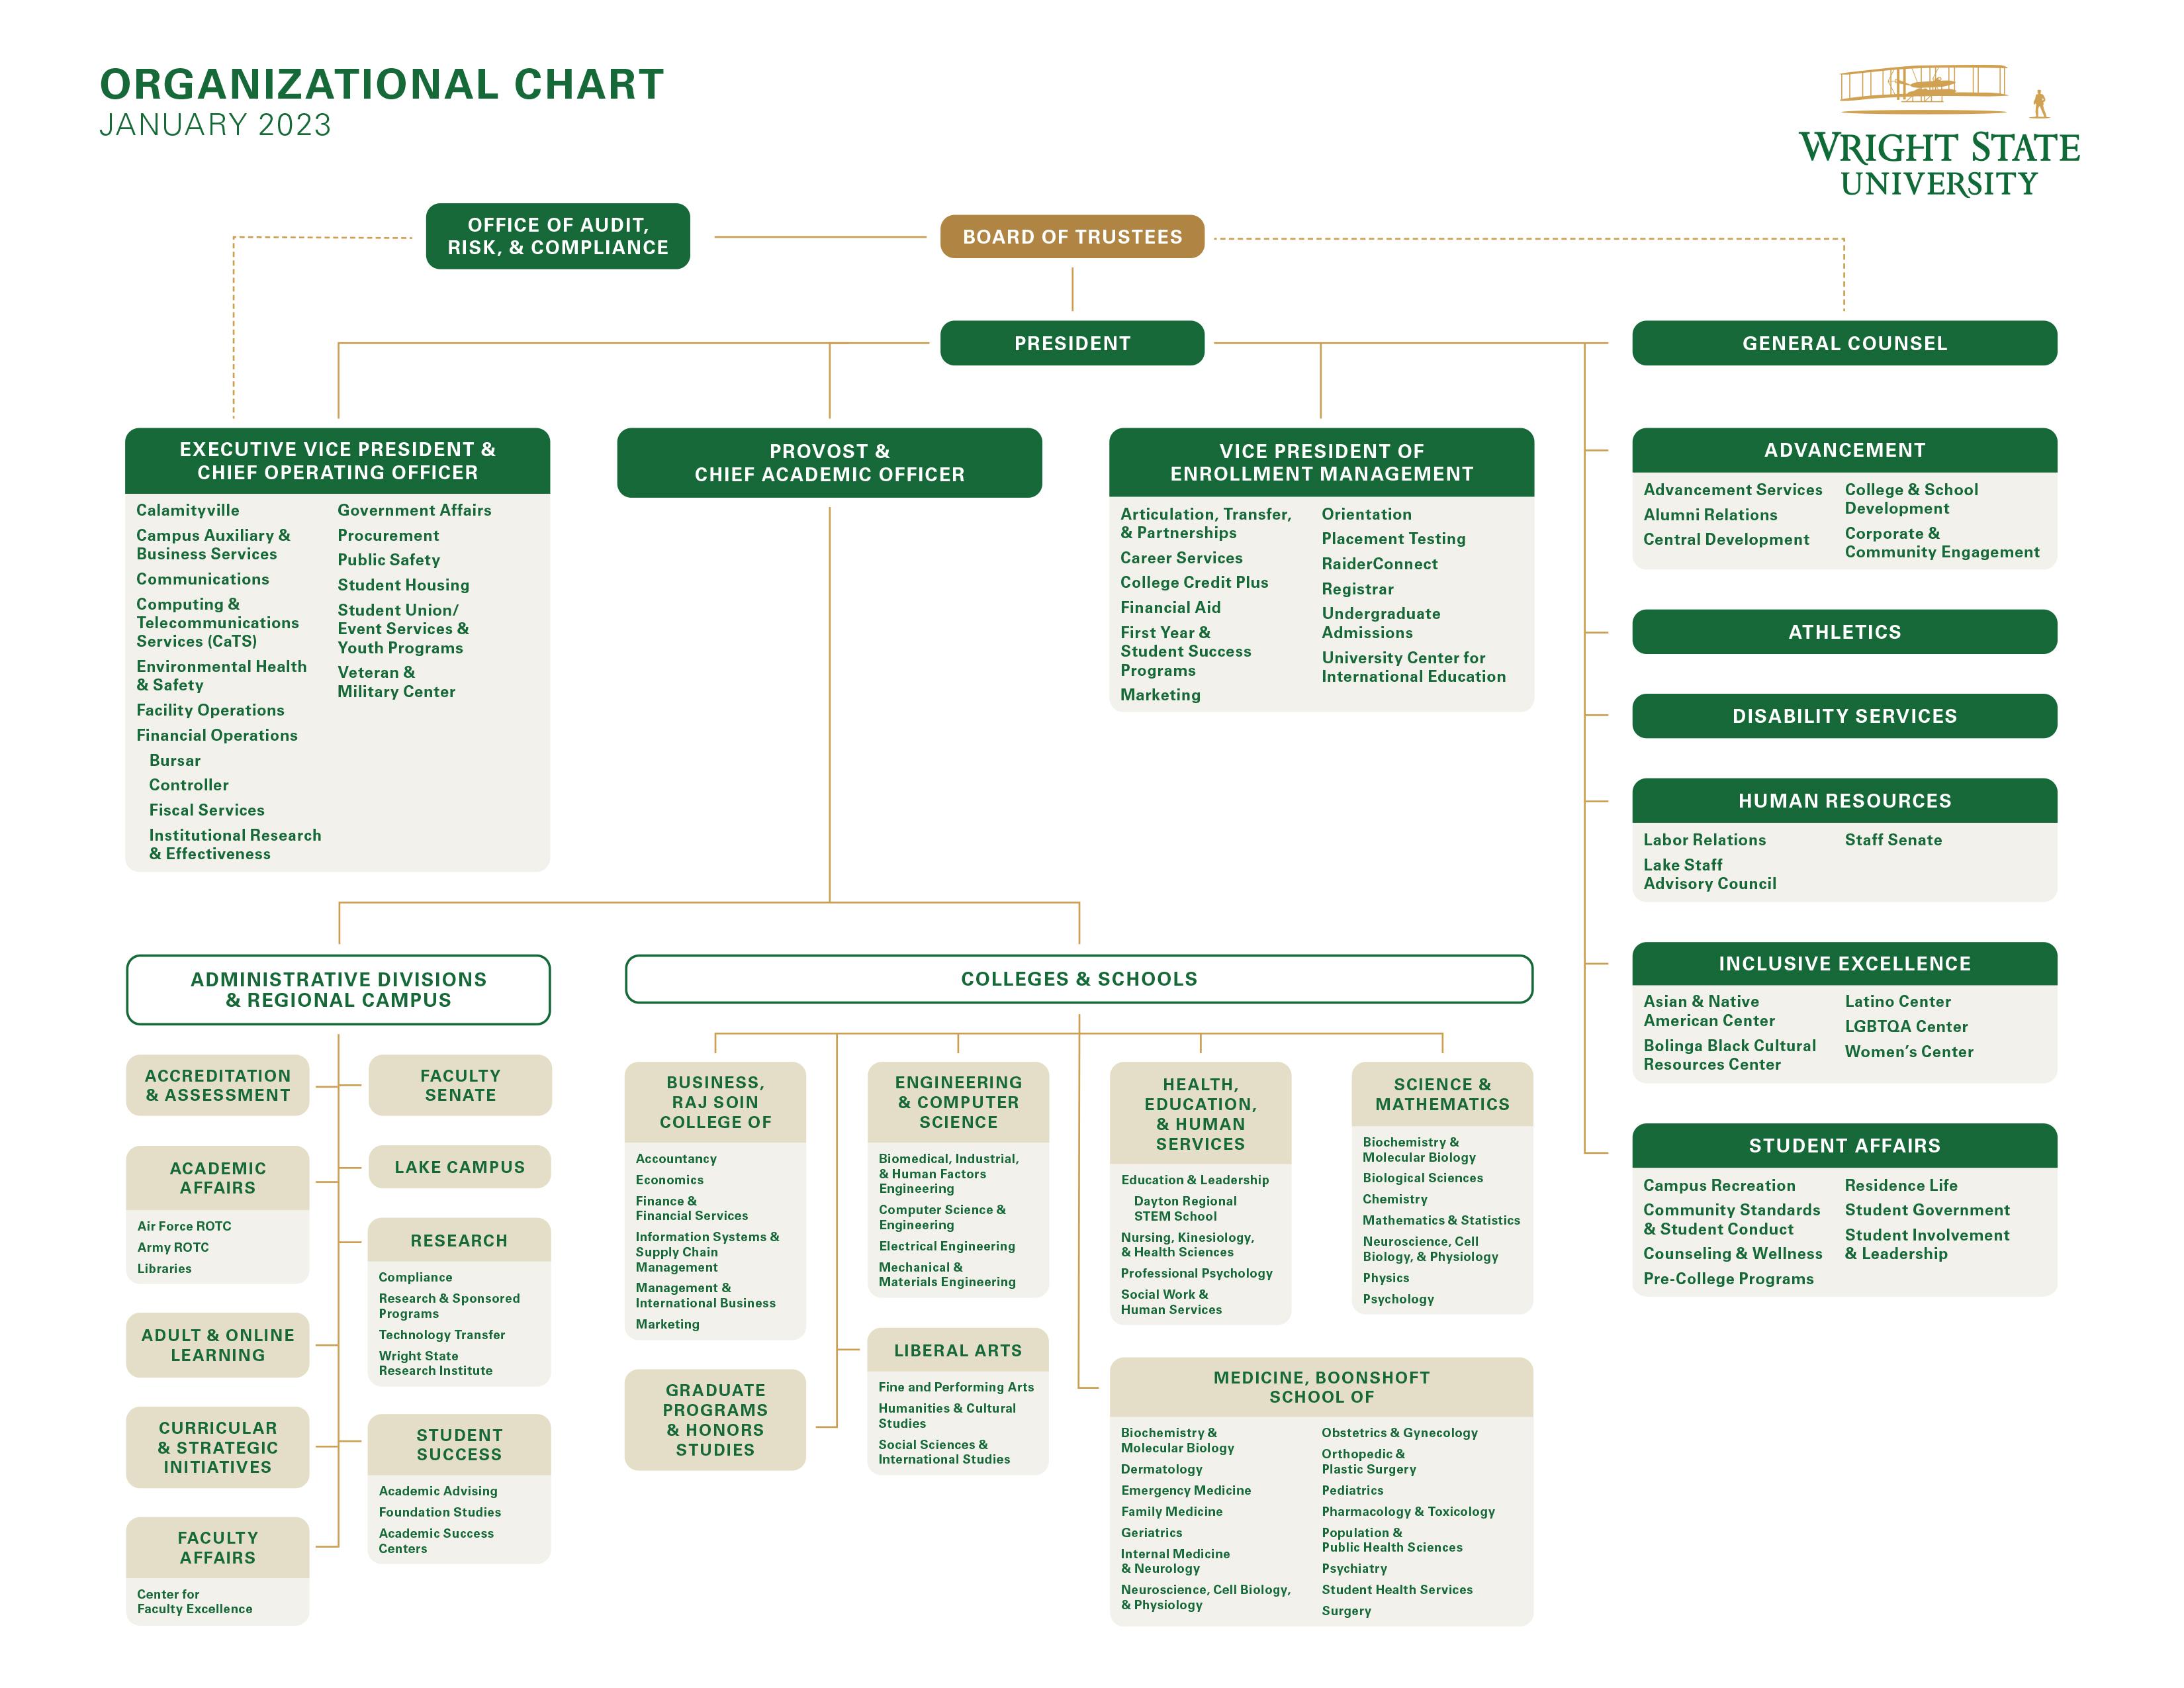 Wright State Organizational Chart